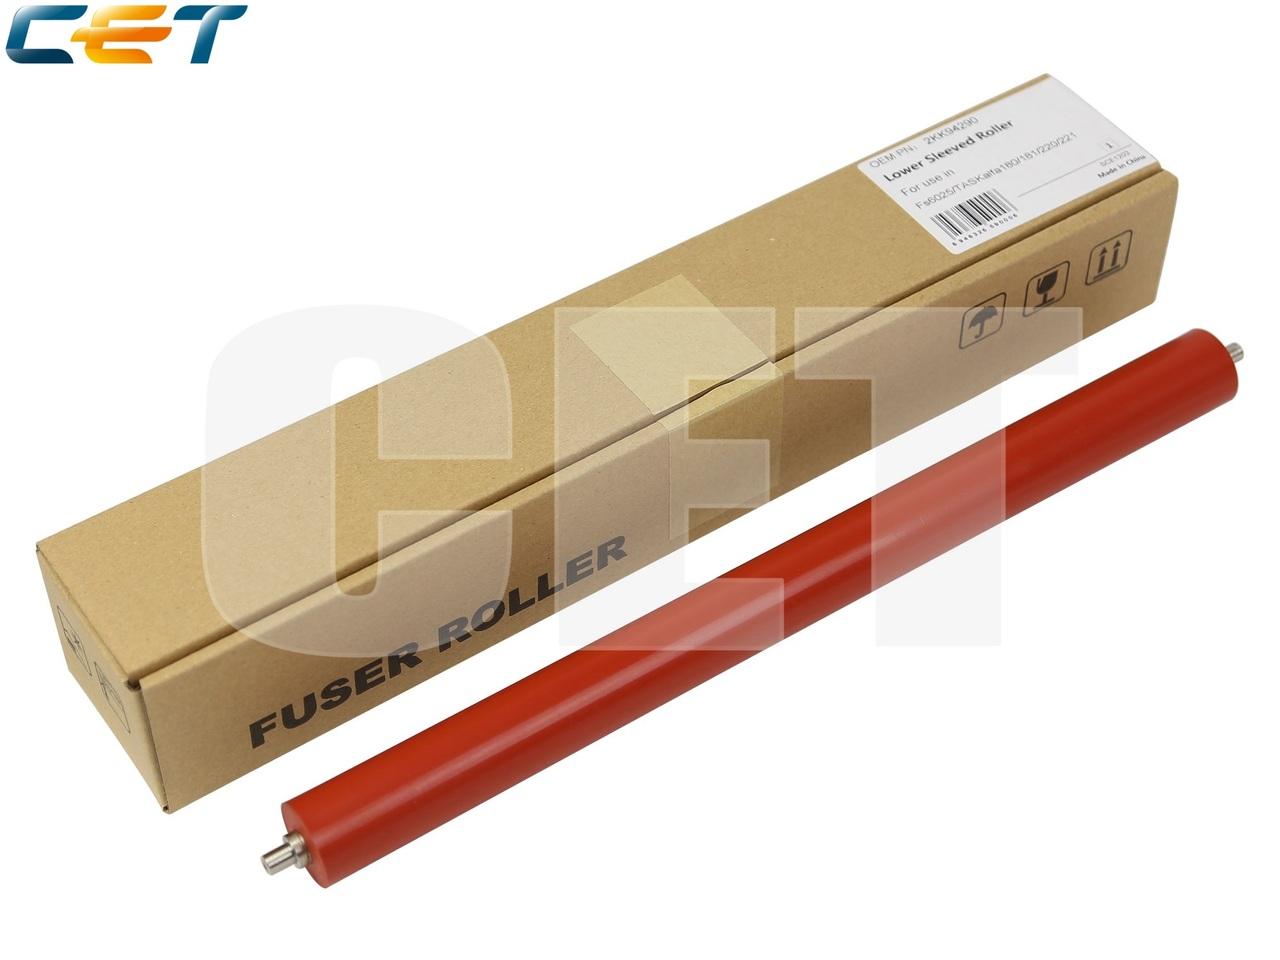 Резиновый вал 2KK94290 для KYOCERAFS-6025MFP/6030MFP, TASKalfa 255/305/180/181/220/221(CET), CET9000